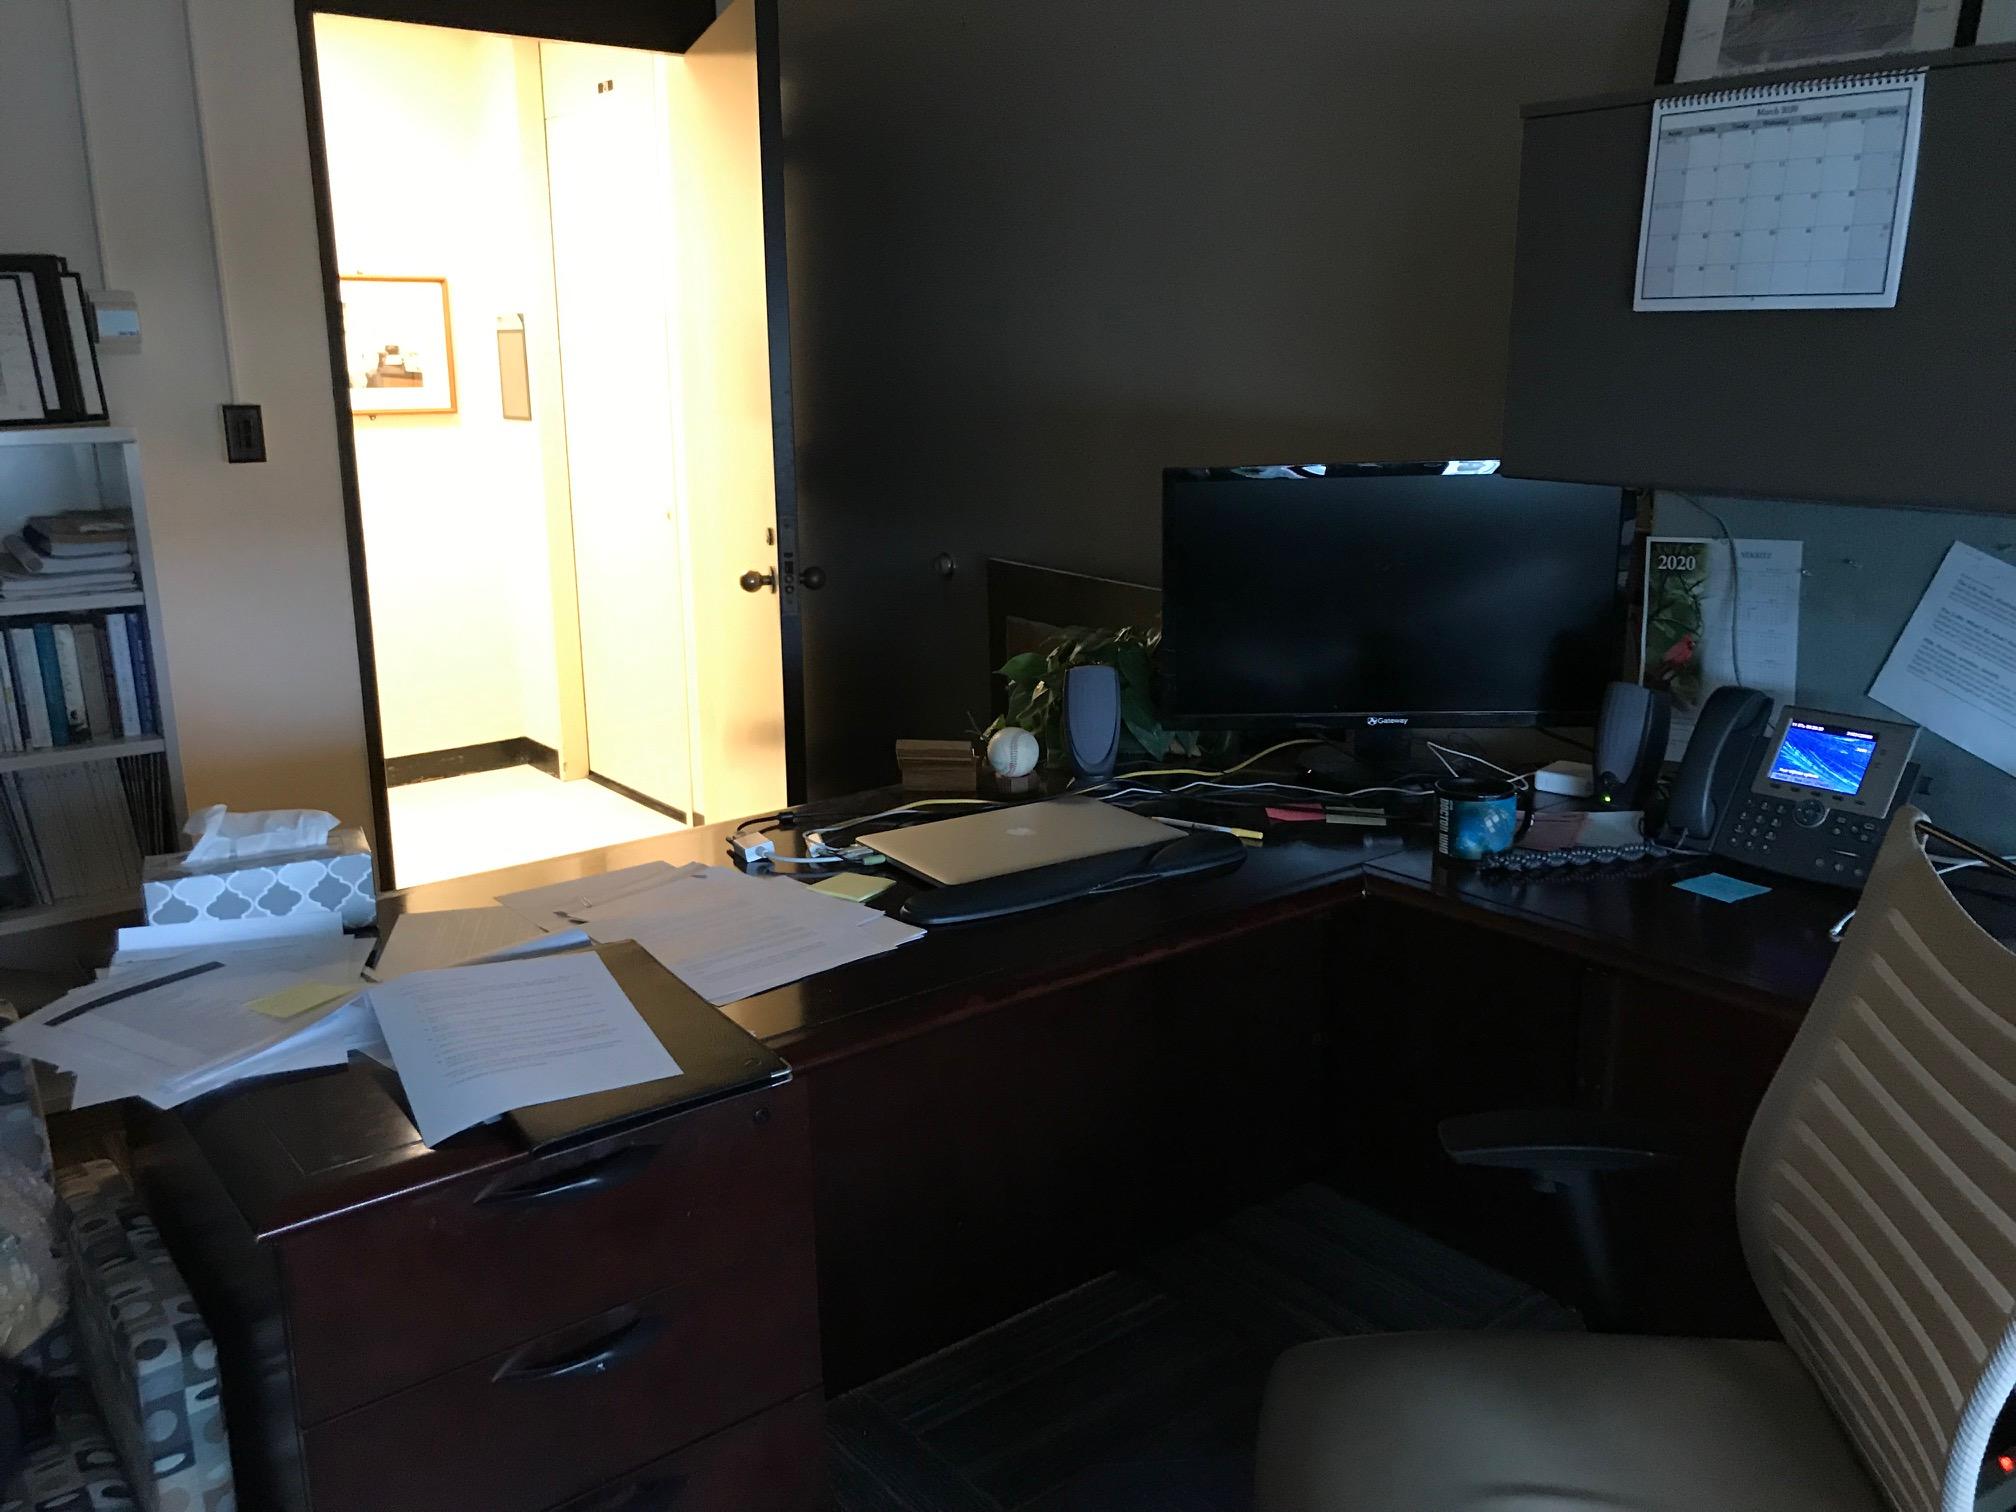 A darkened office with an open door